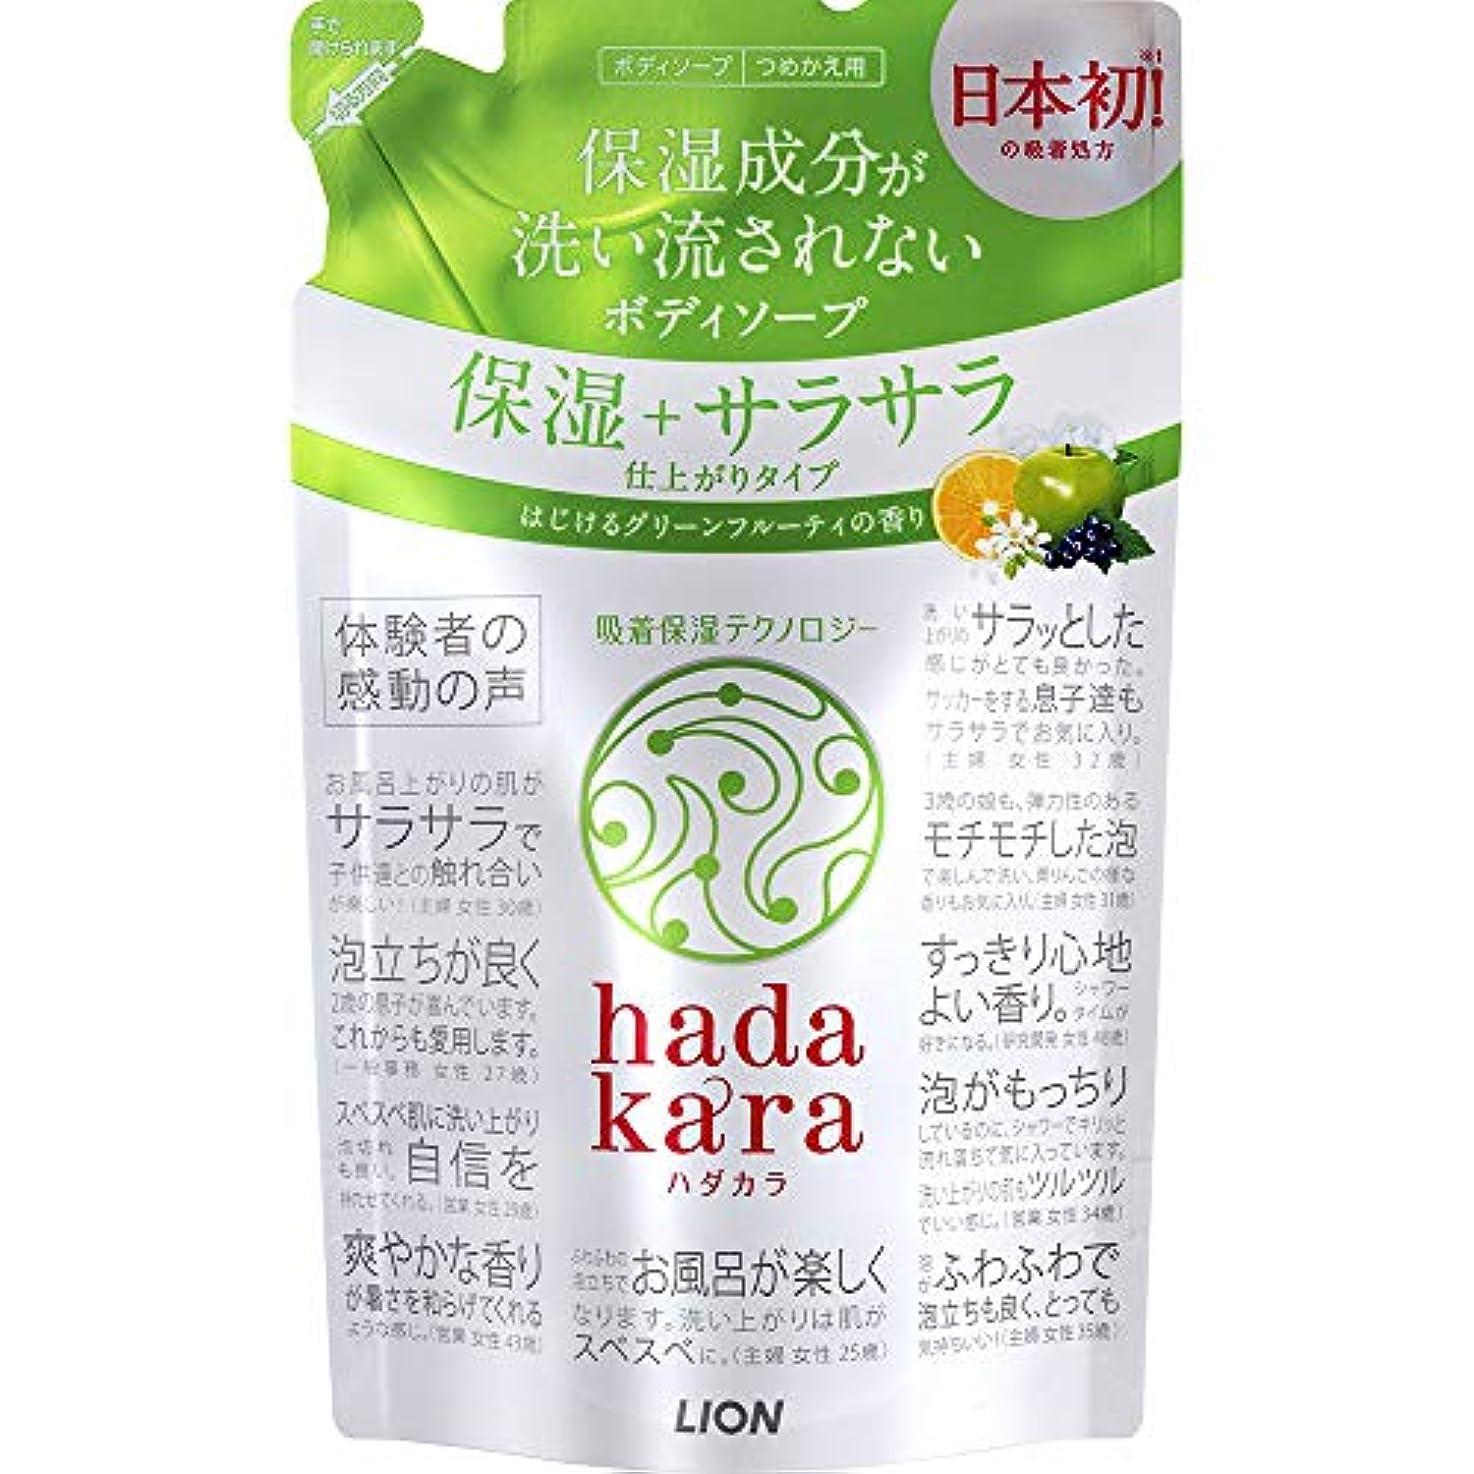 化学者雄弁なバンケットhadakara(ハダカラ) ボディソープ 保湿+サラサラ仕上がりタイプ グリーンフルーティの香り 詰め替え 340ml